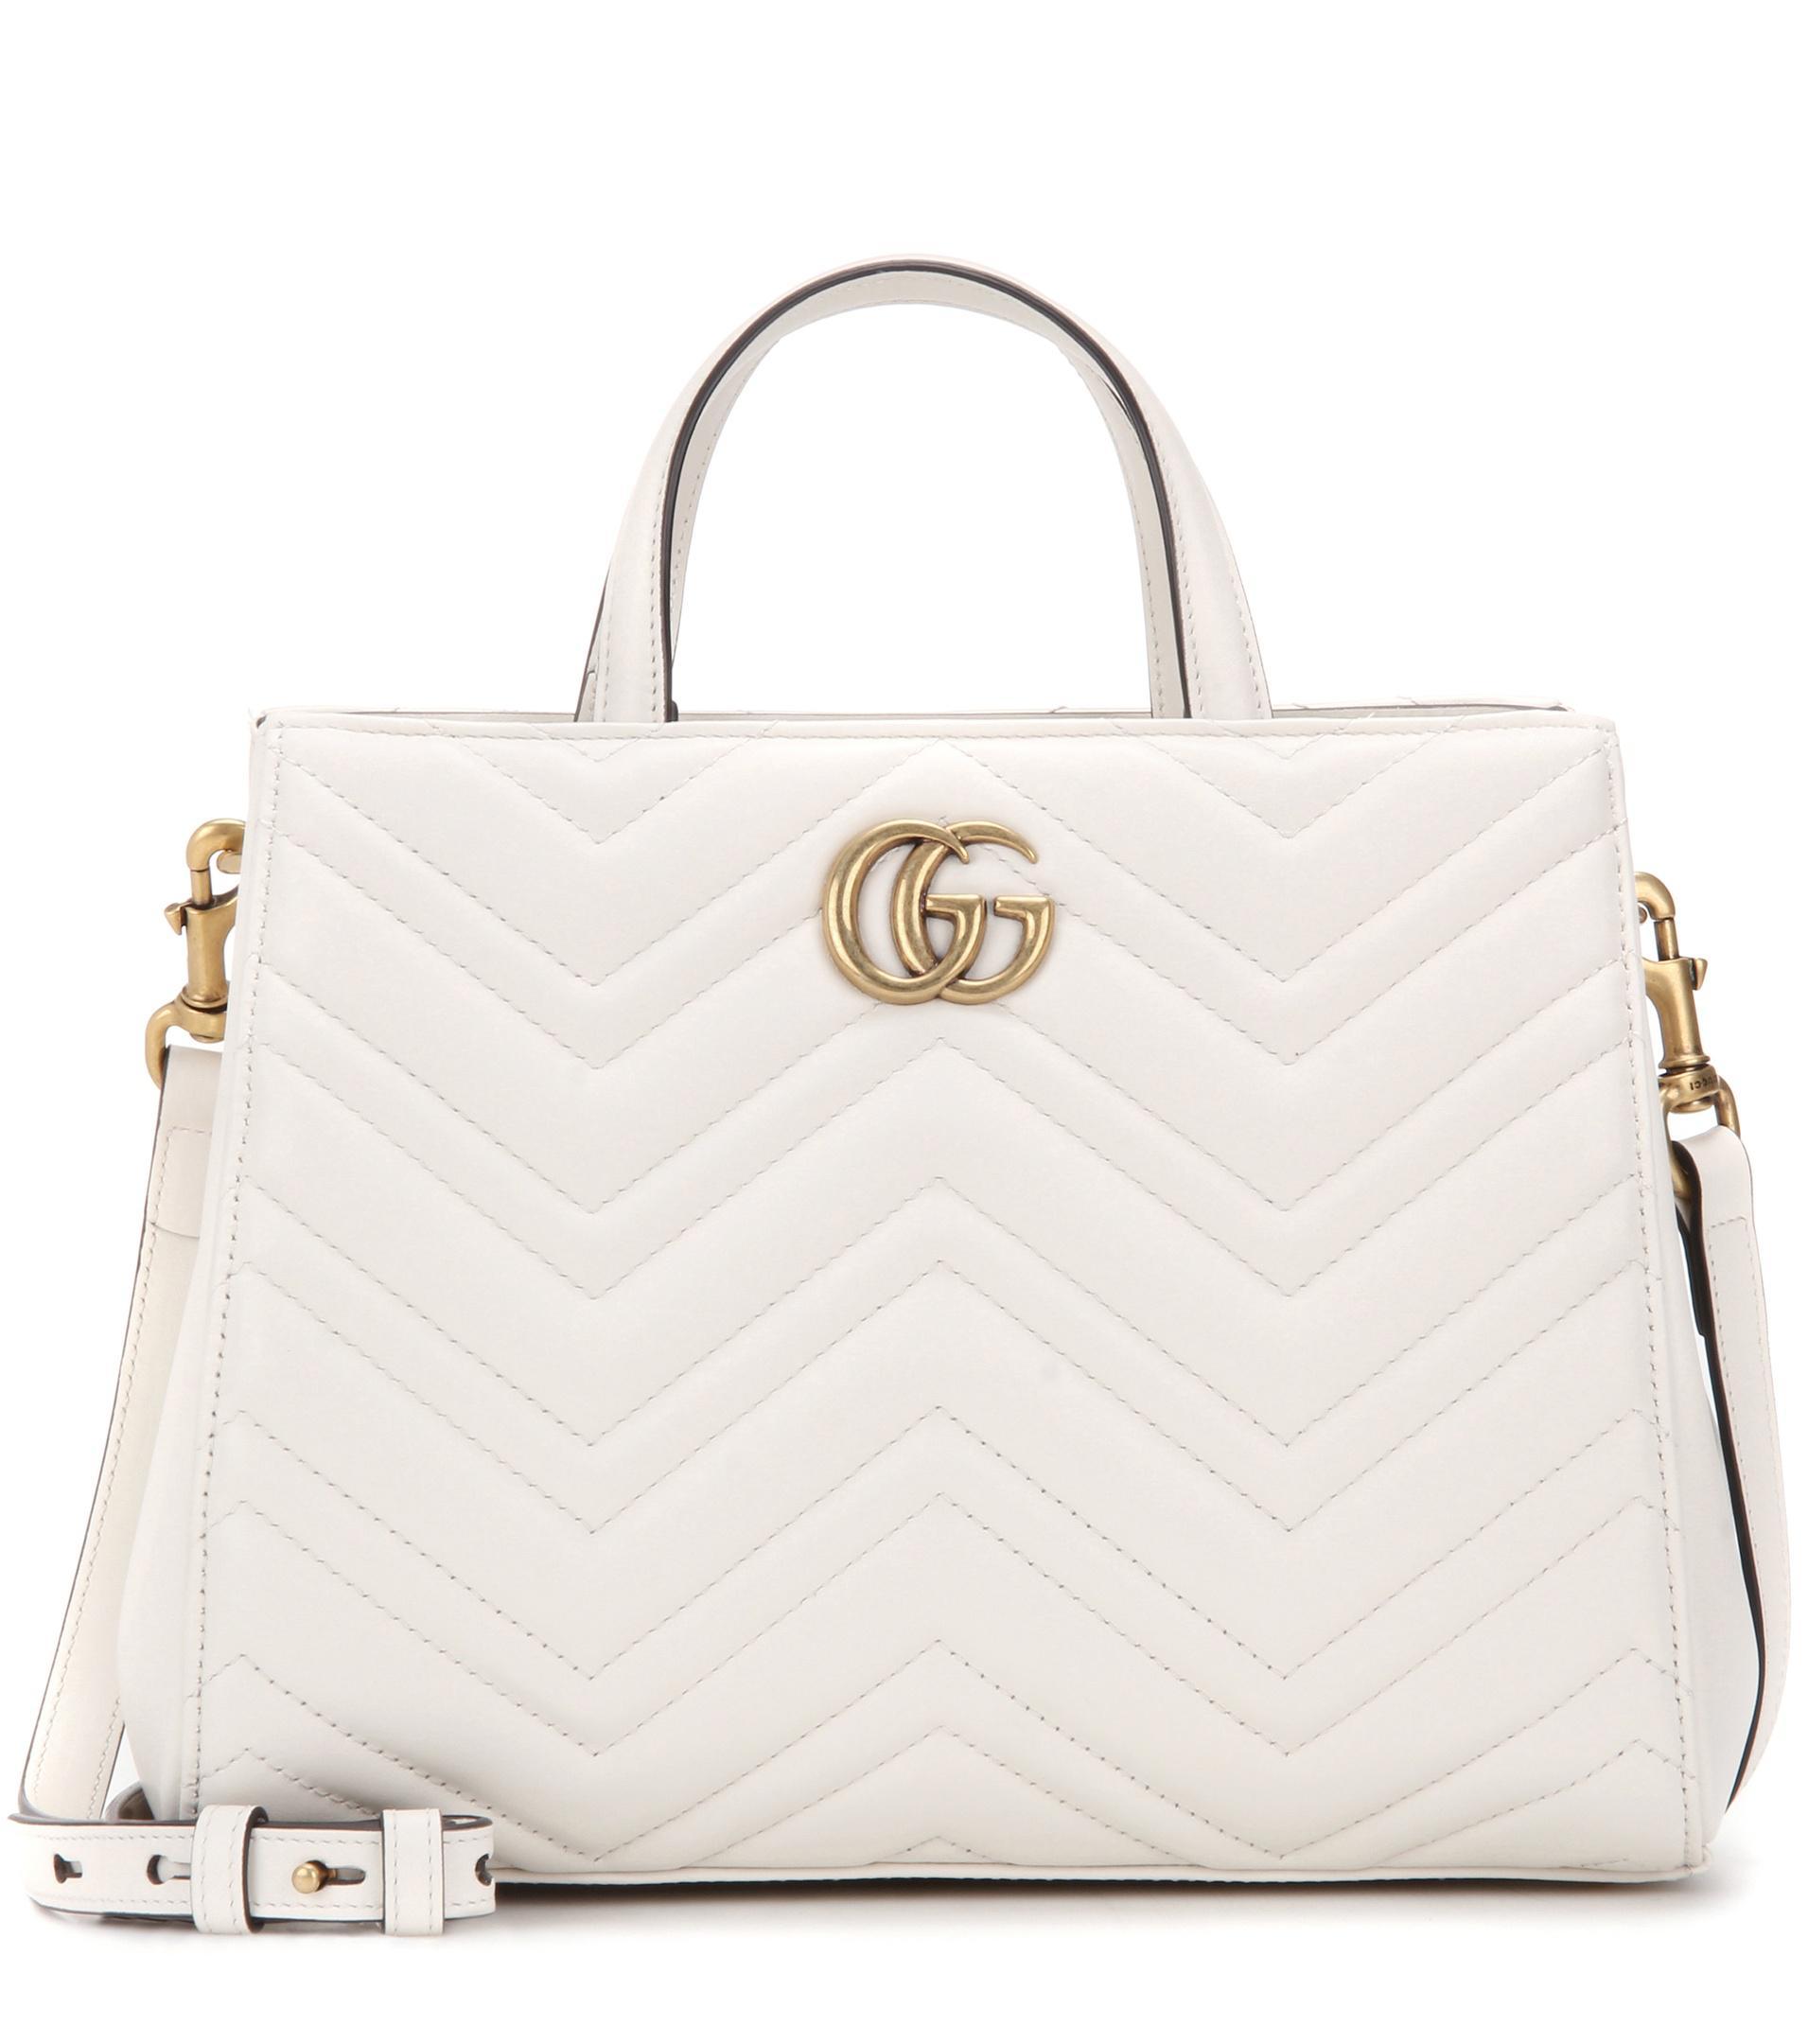 62c47998edb99 Lyst - Gucci Gg Marmont Small Matelassé Leather Tote in White